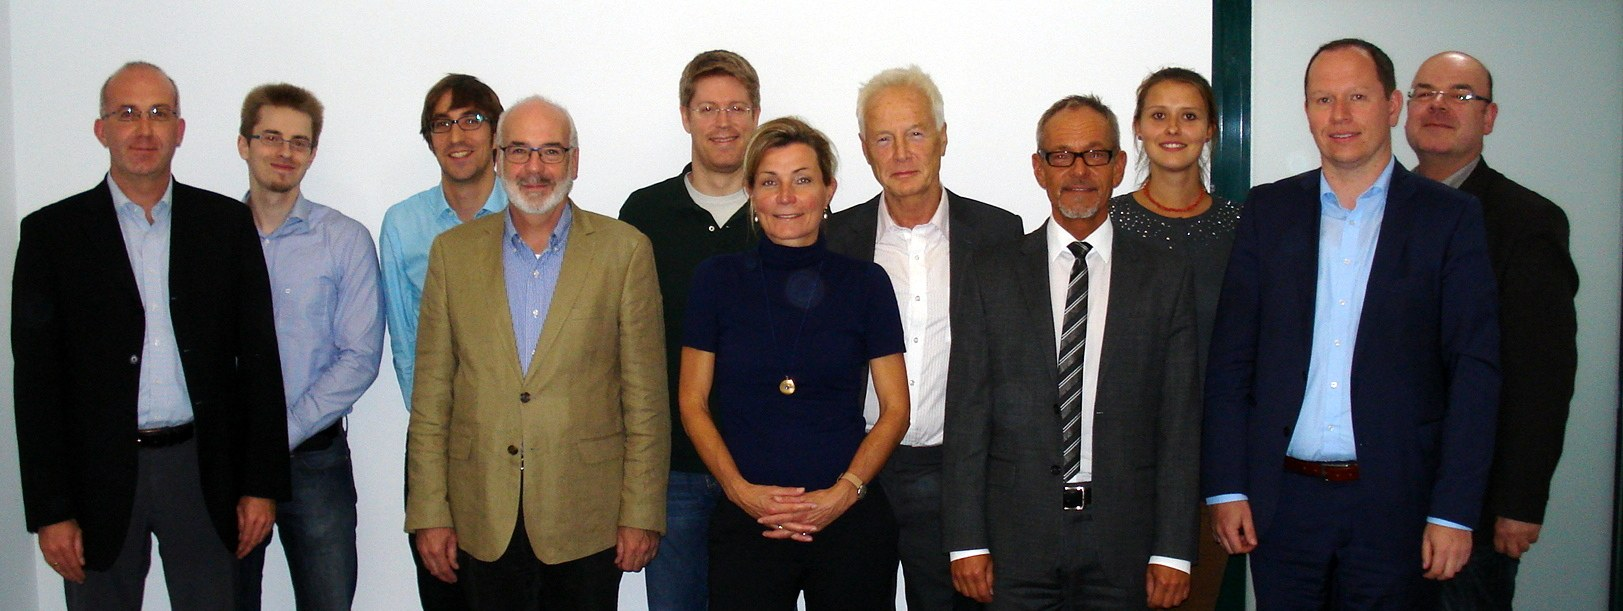 Vorstand Fortschrittskolleg